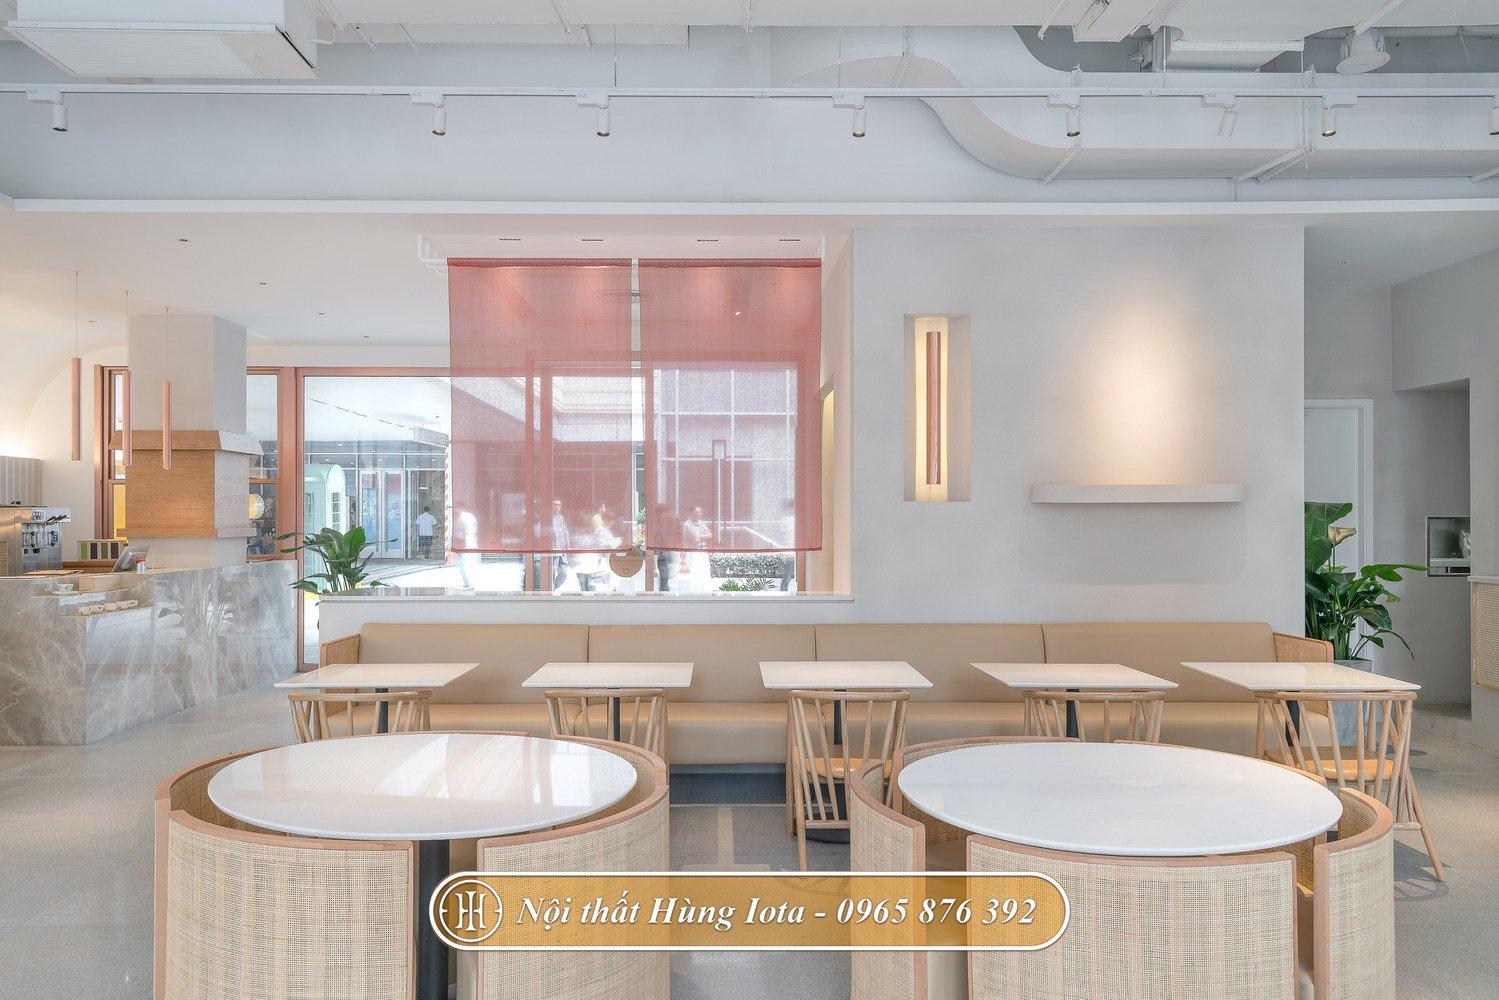 Bàn ghế hàng cafe màu be hiện đại